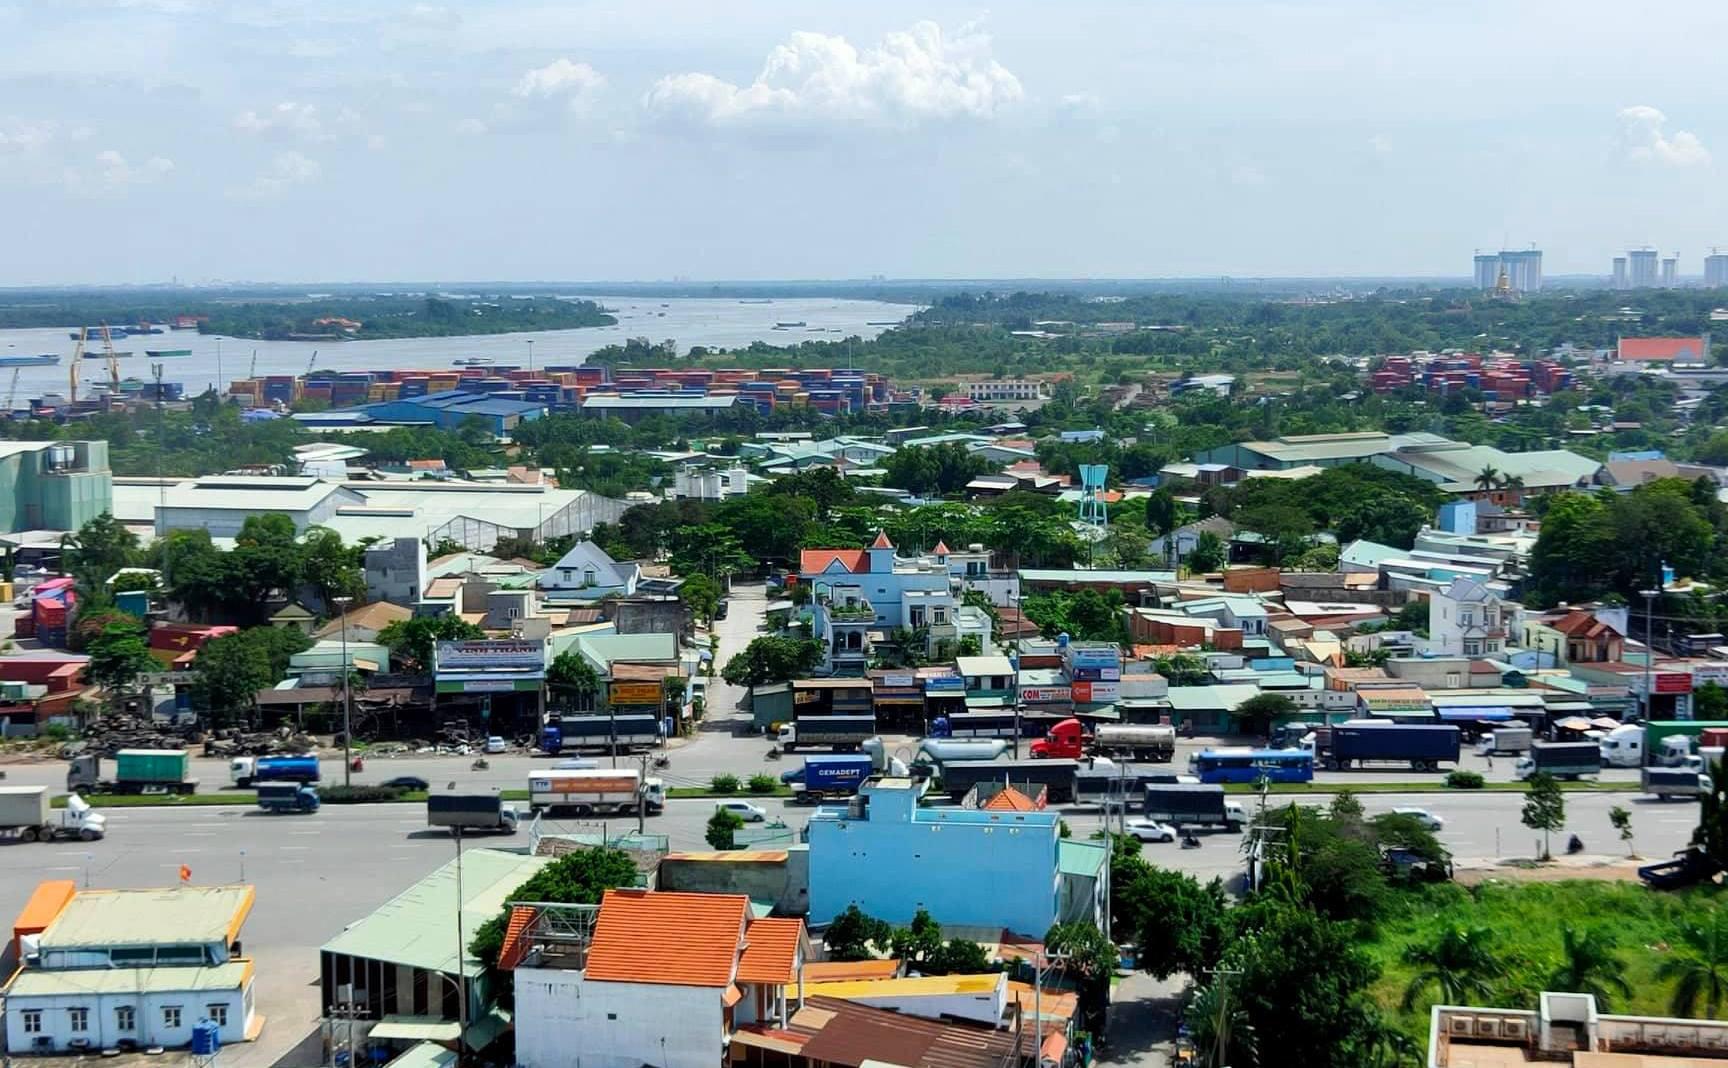 Bình Dương sẽ có thêm hai thành phố là Dĩ An và Thuận An - Ảnh 1.